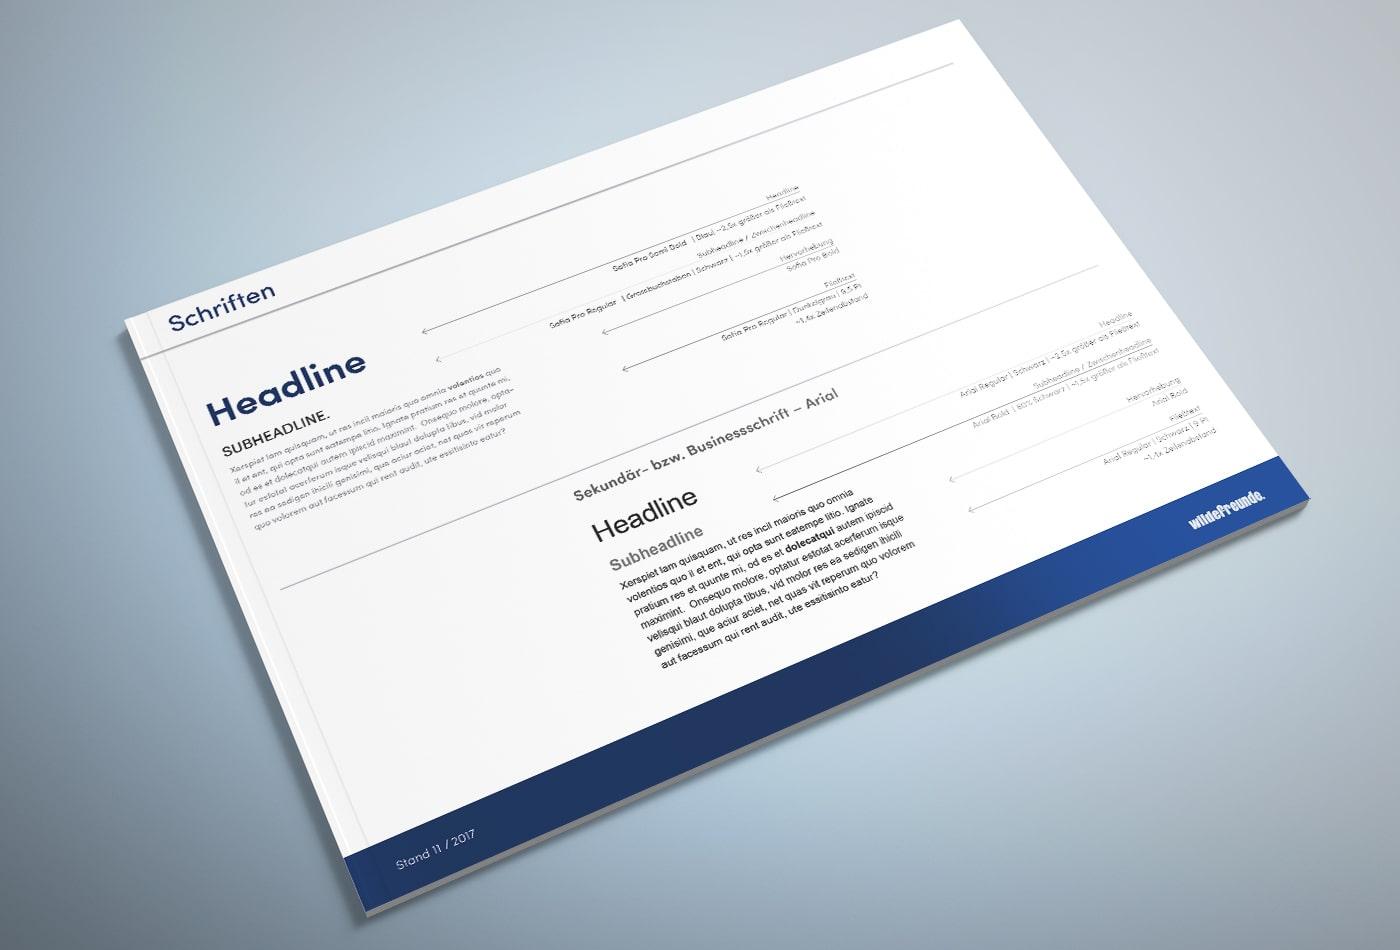 wildefreunde-kunde-bluemarlin-handbuch-2-1400x950-min